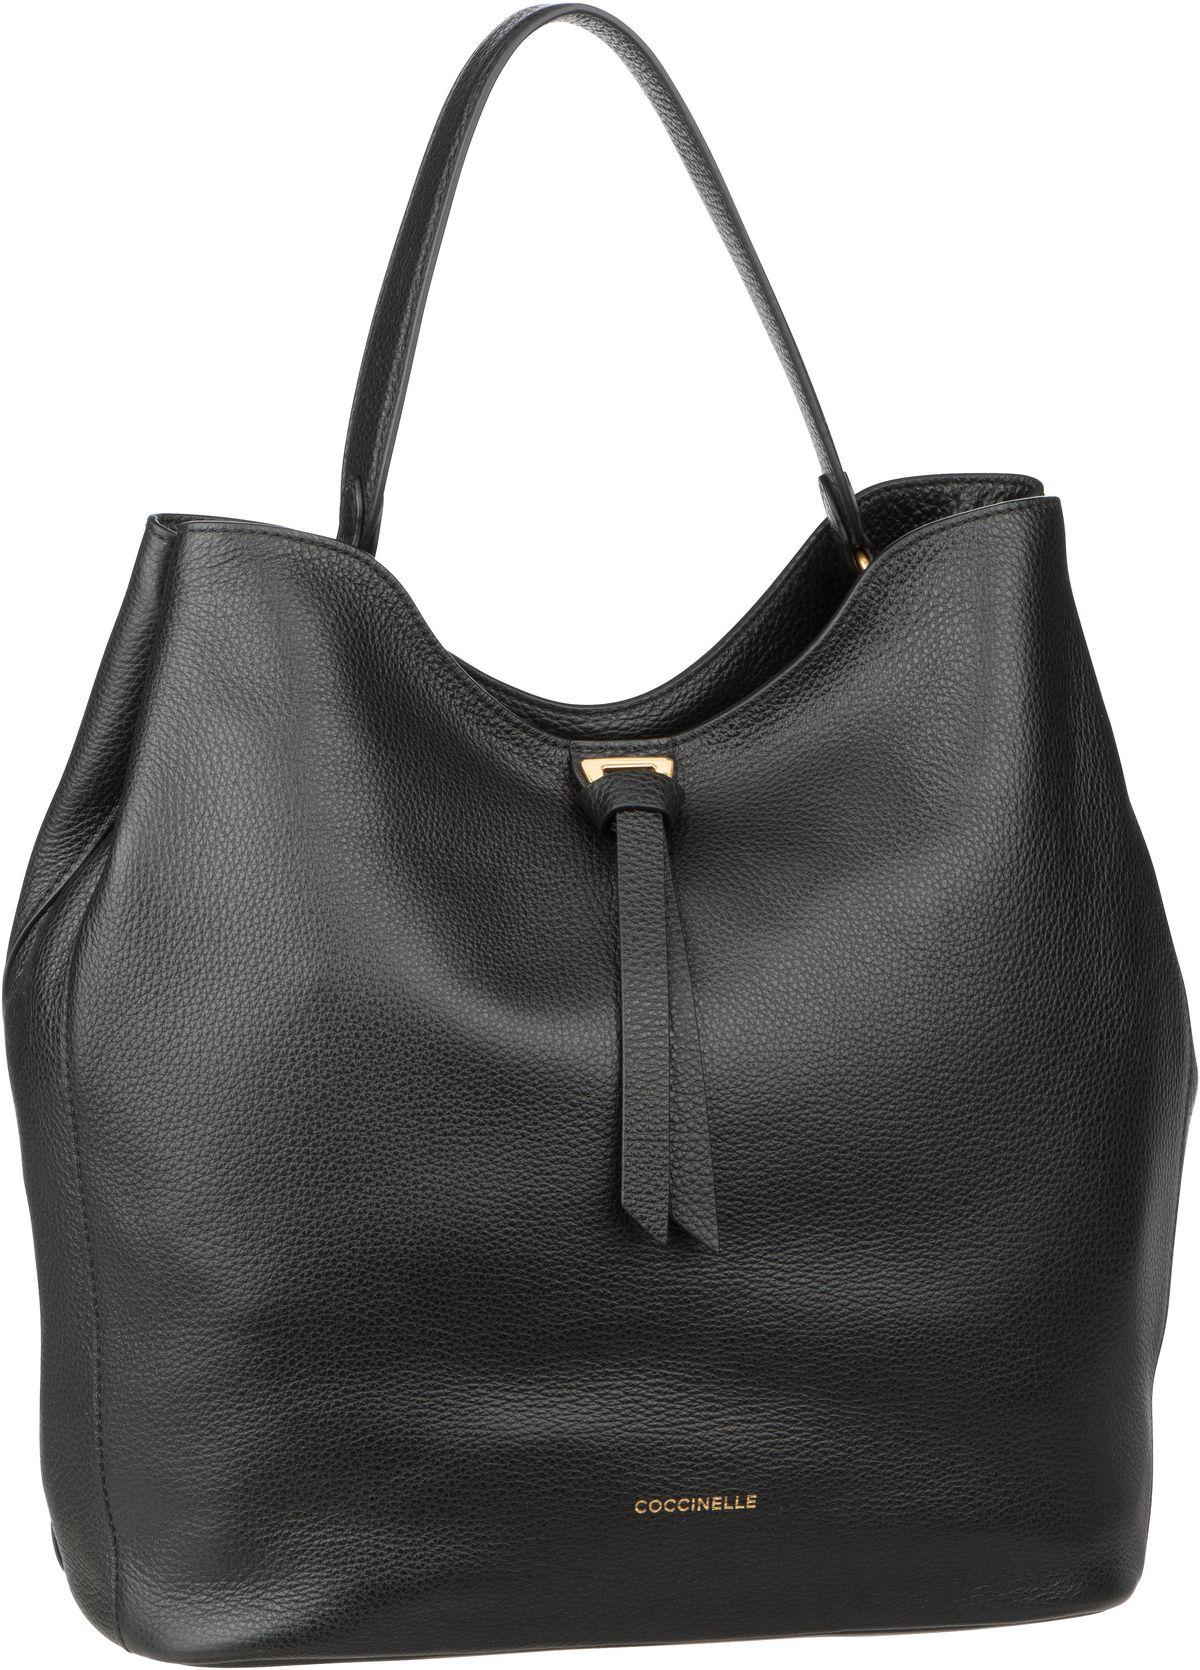 Handtasche Joyful 1301 Nero